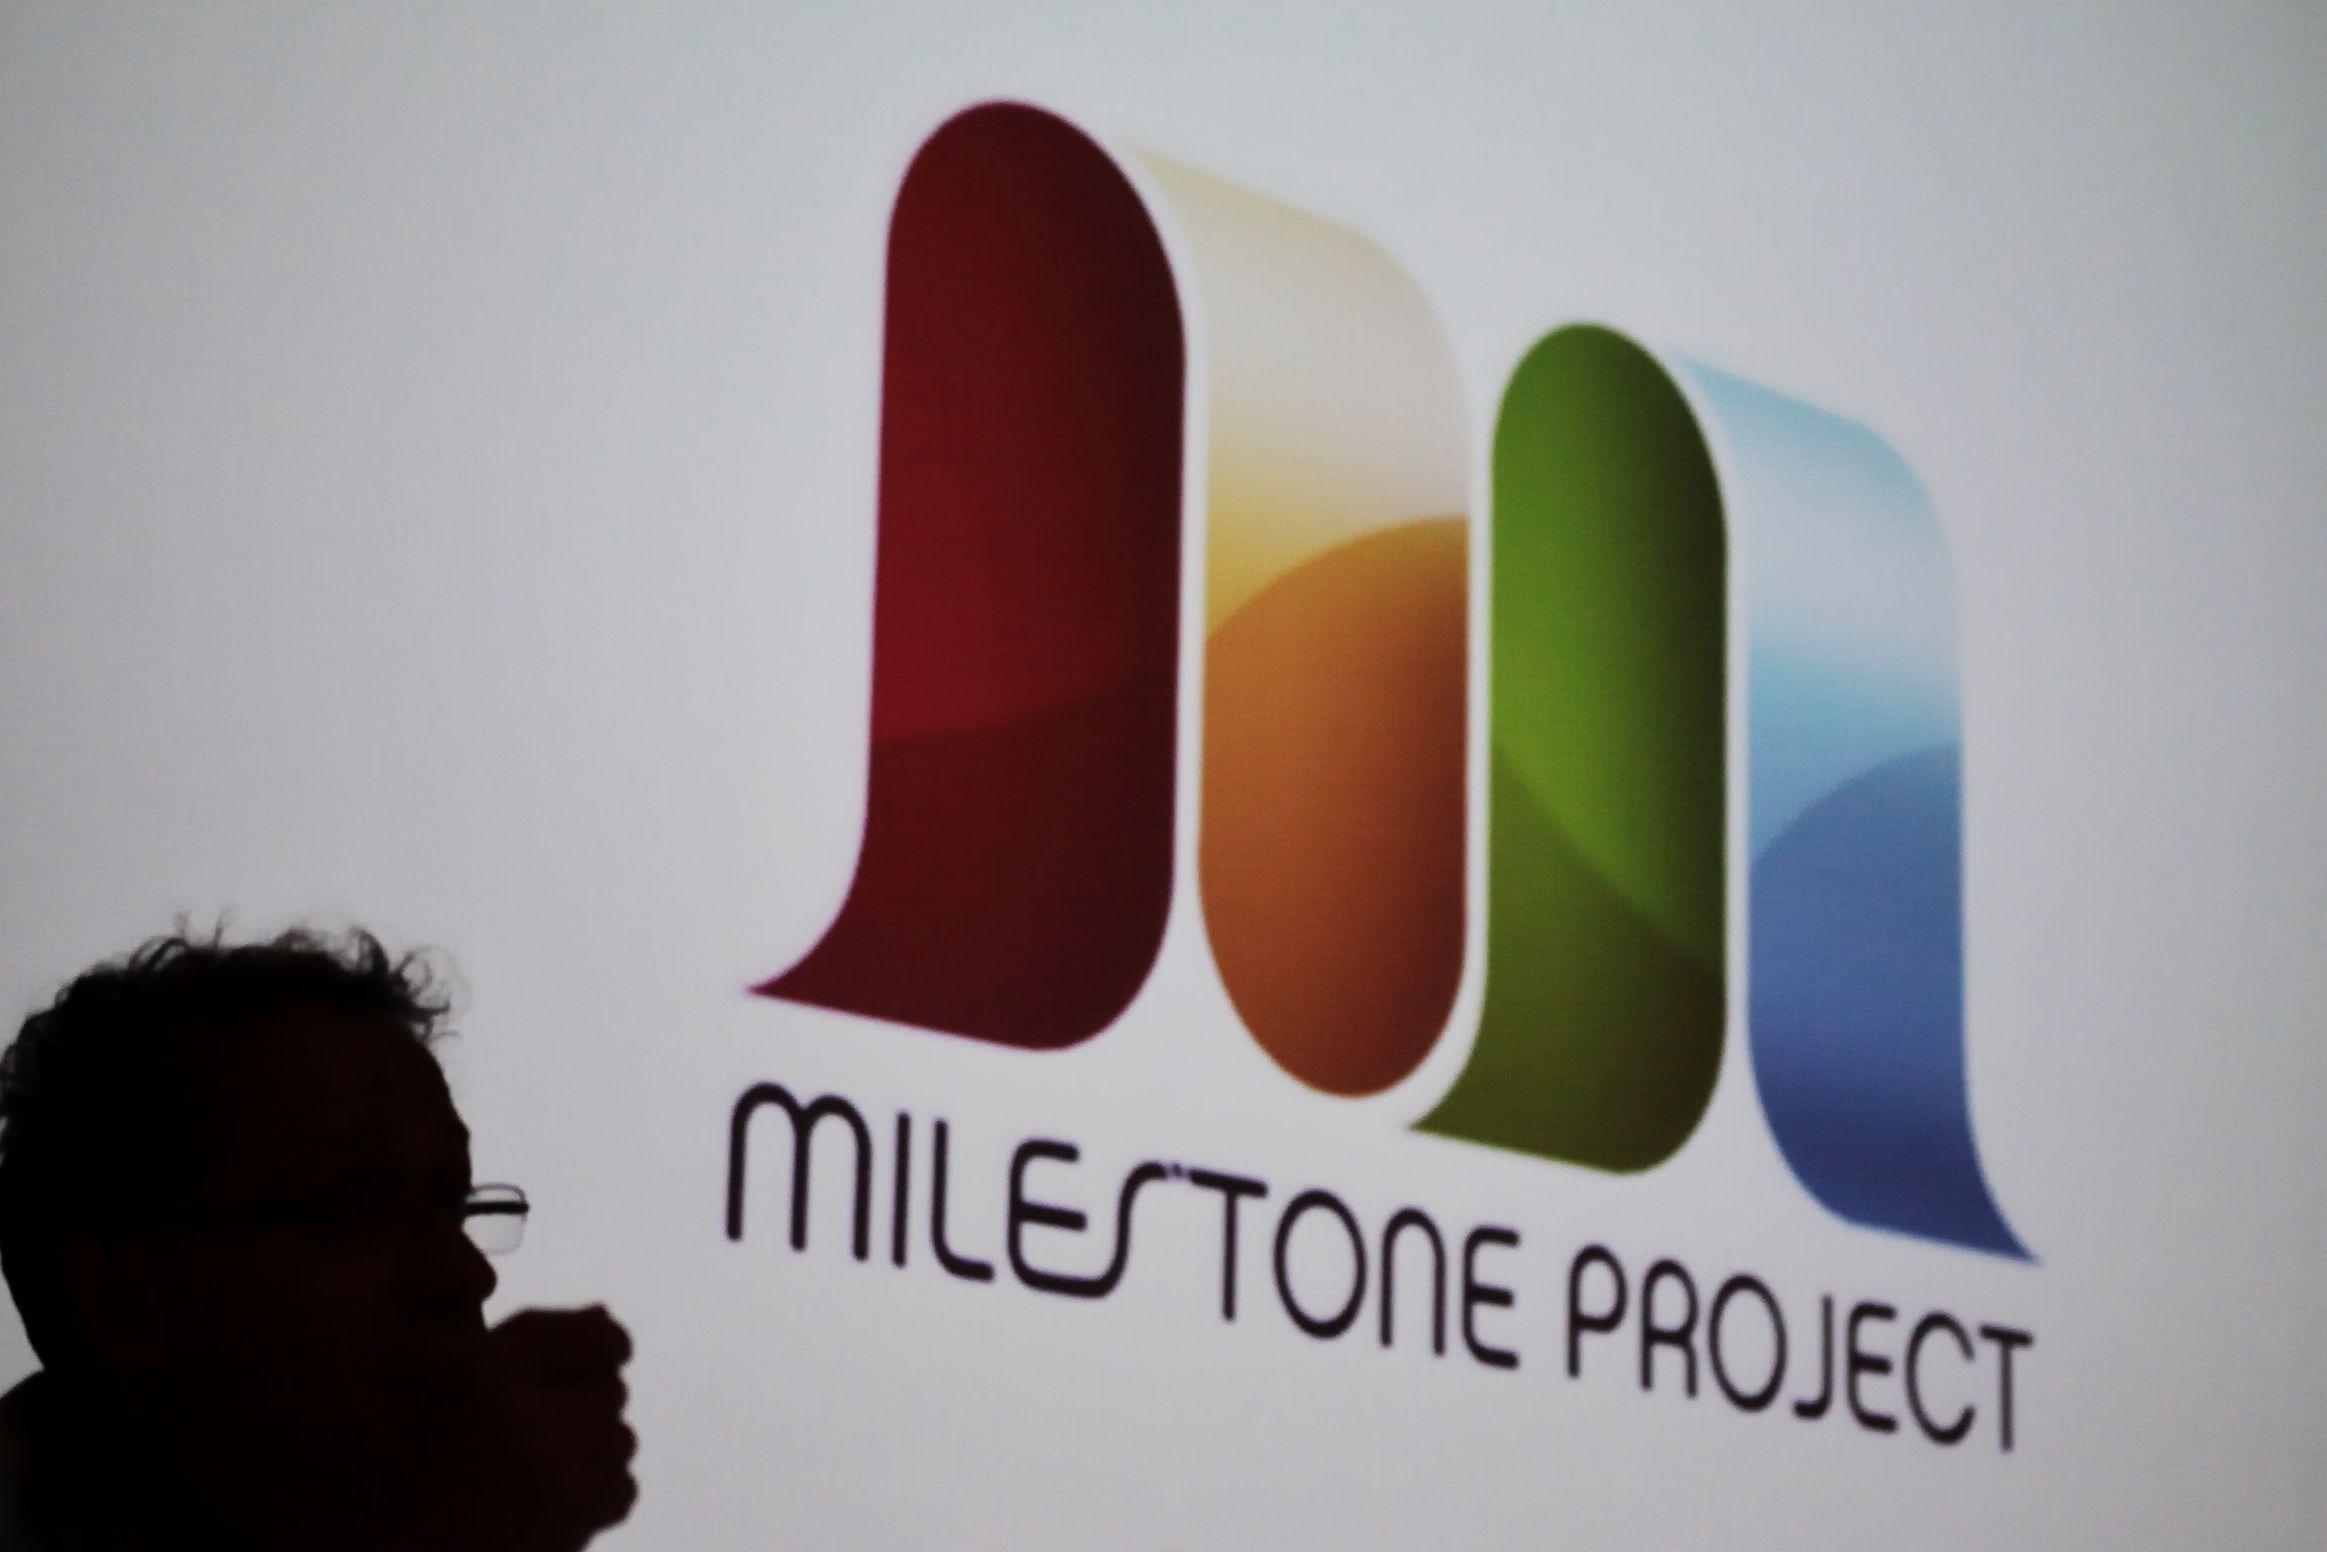 Pensament al Milestone Project Girona - Edició 2013